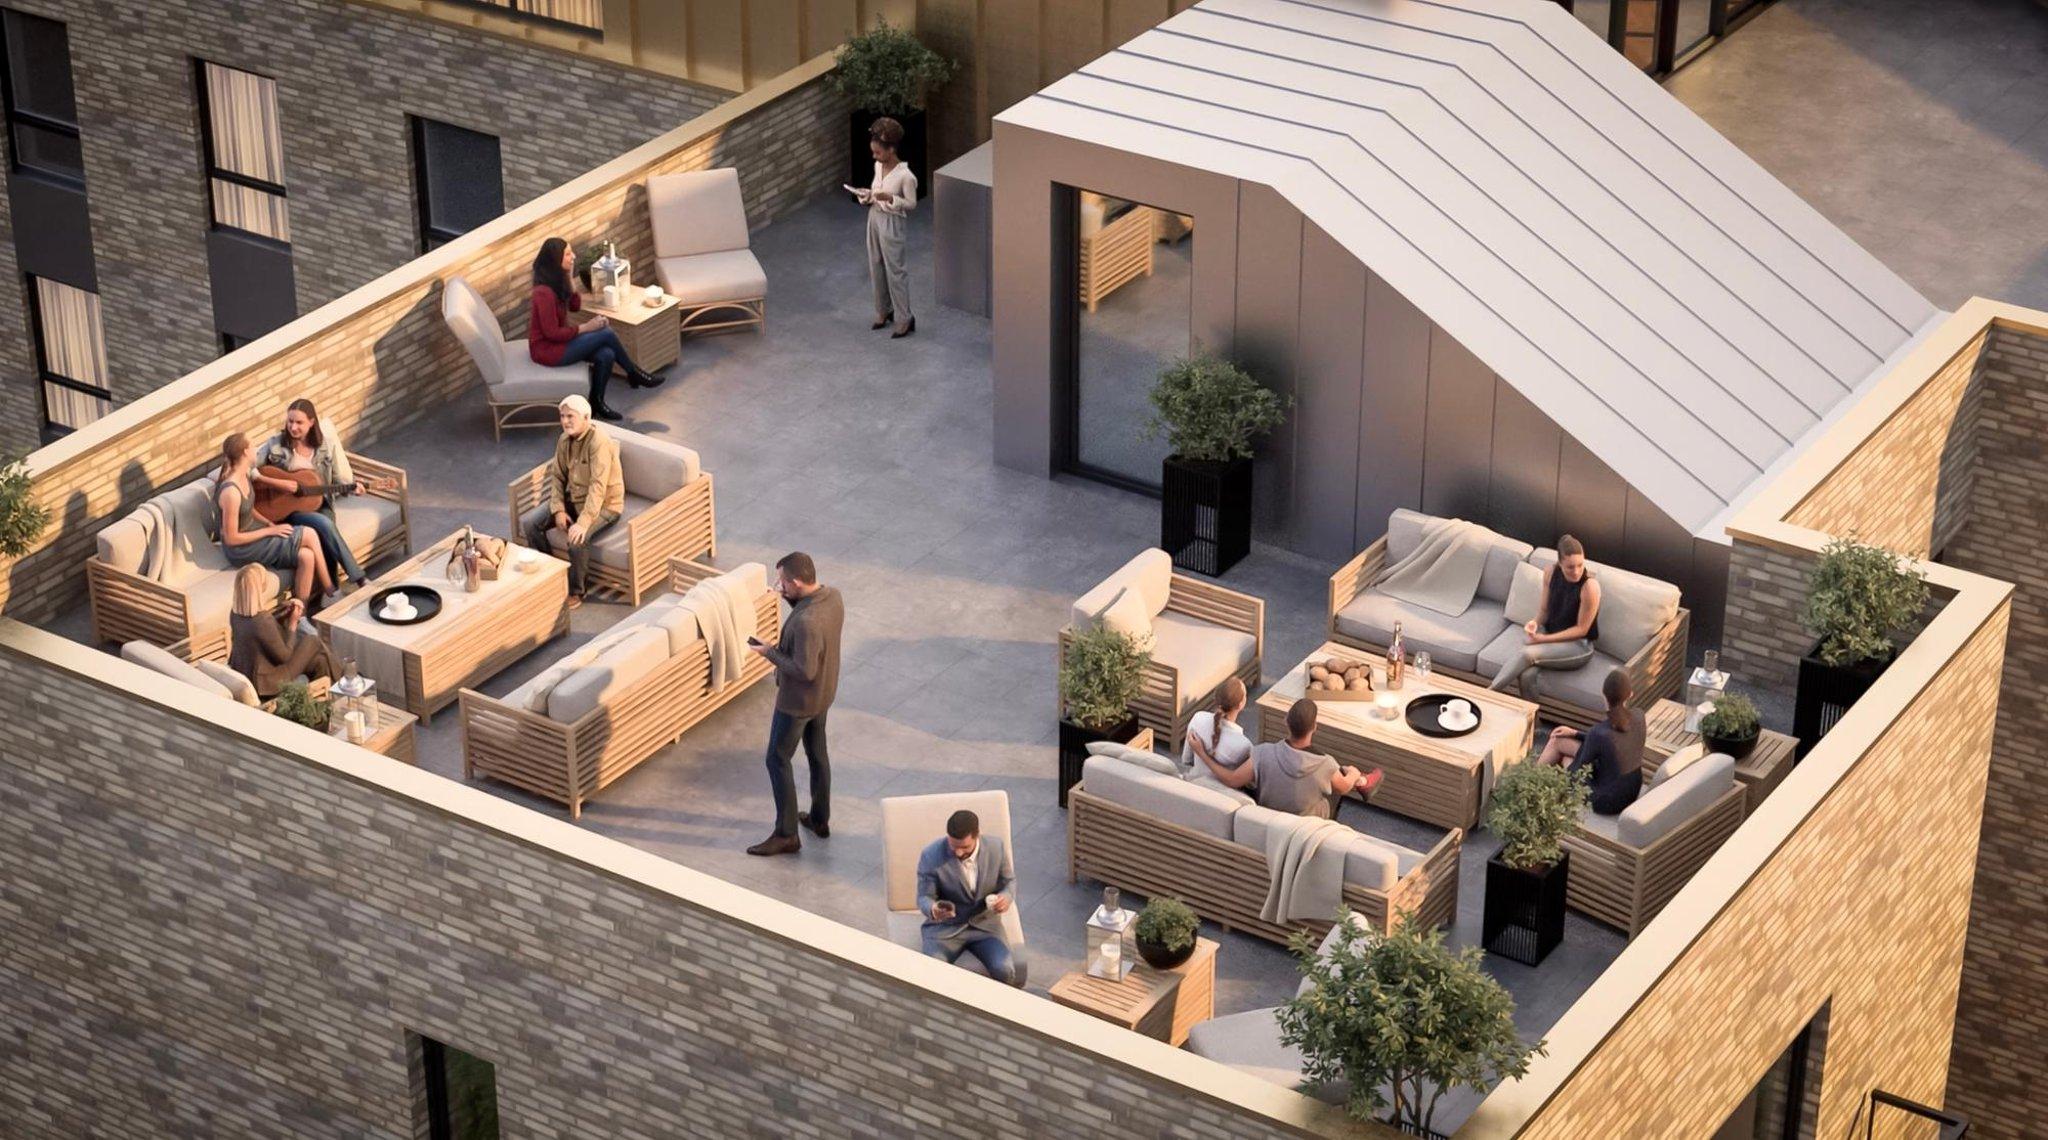 Pengembangan Waverley Park: Lihat ke dalam pengembangan Shawlands senilai £10 juta termasuk taman atap